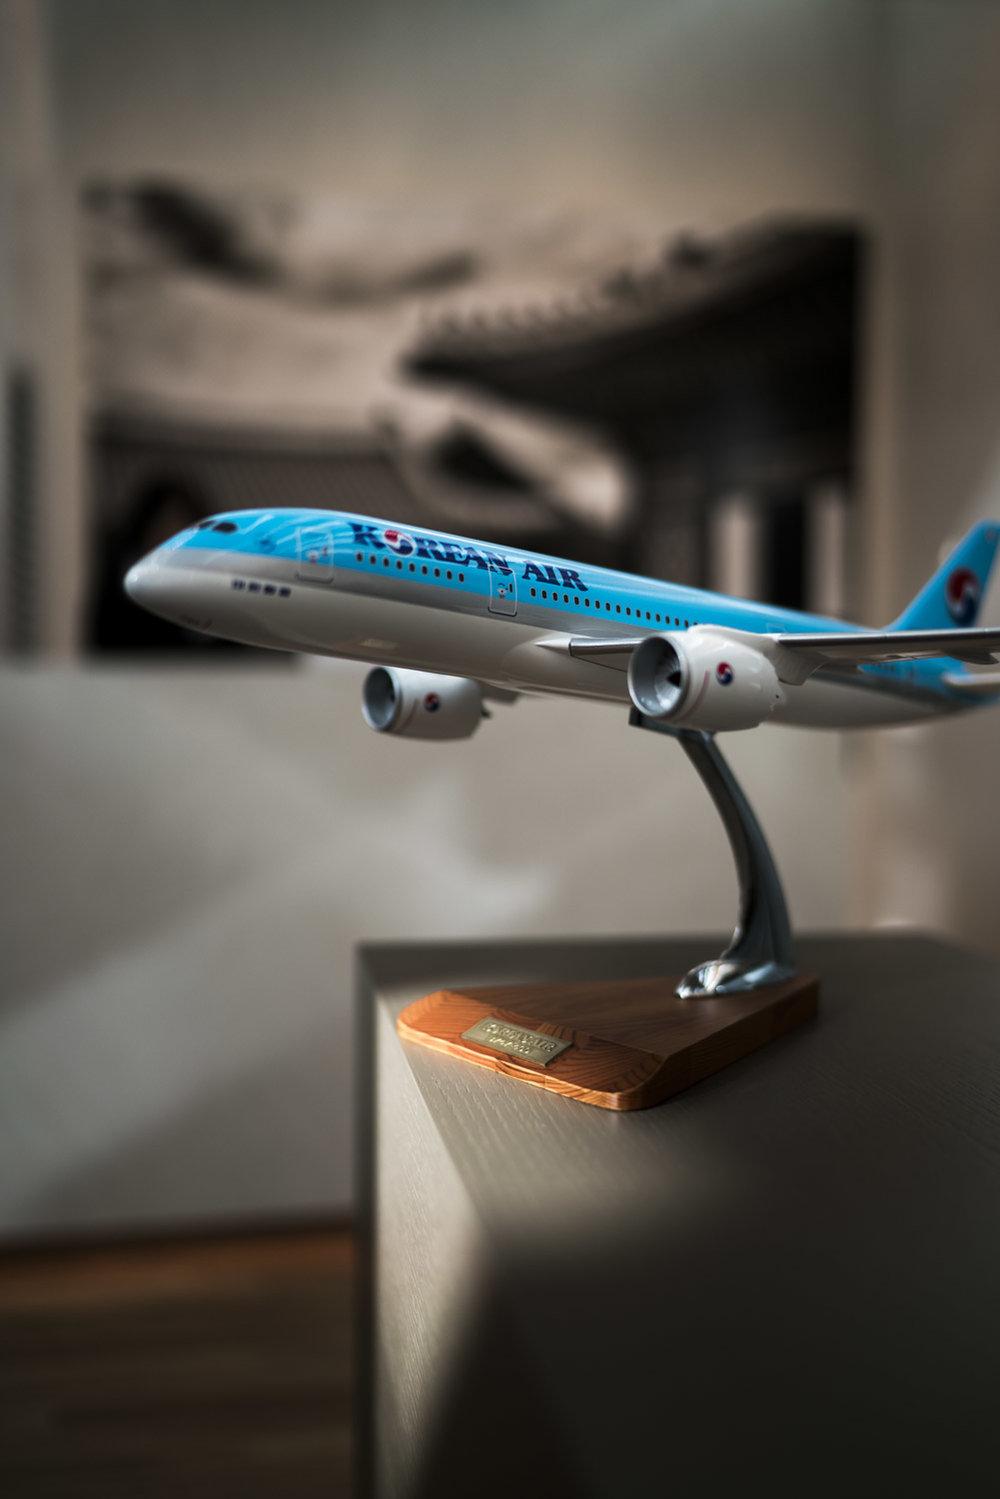 KoreanAir-5300.jpg